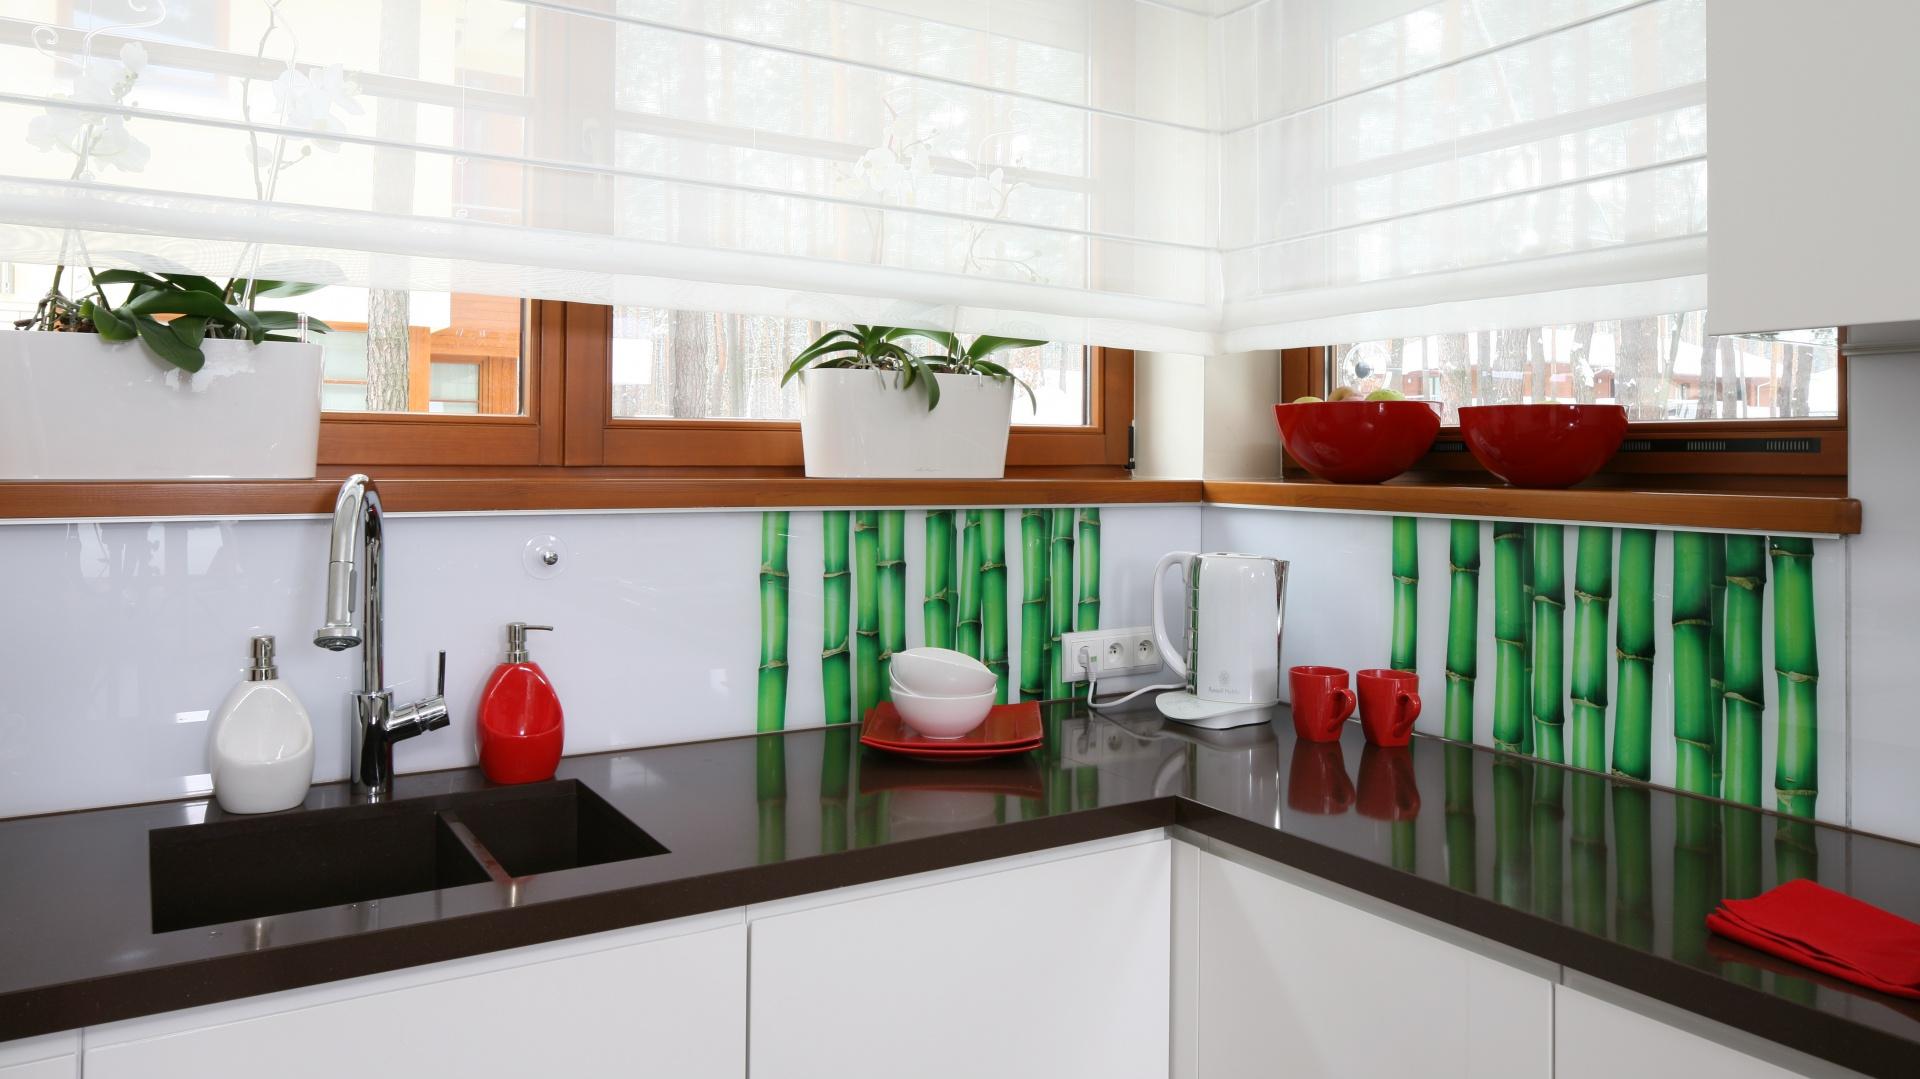 Ciemny blat i białe fronty szafek ożywiono kolorowymi dodatkami oraz przyciągającym wzrok akcentem dekoracyjnym w postaci fototapety z grafiką soczystego zielonego bambusa. Projekt: Katarzyna Mikulska-Sękalska. Fot. Bartosz Jarosz.